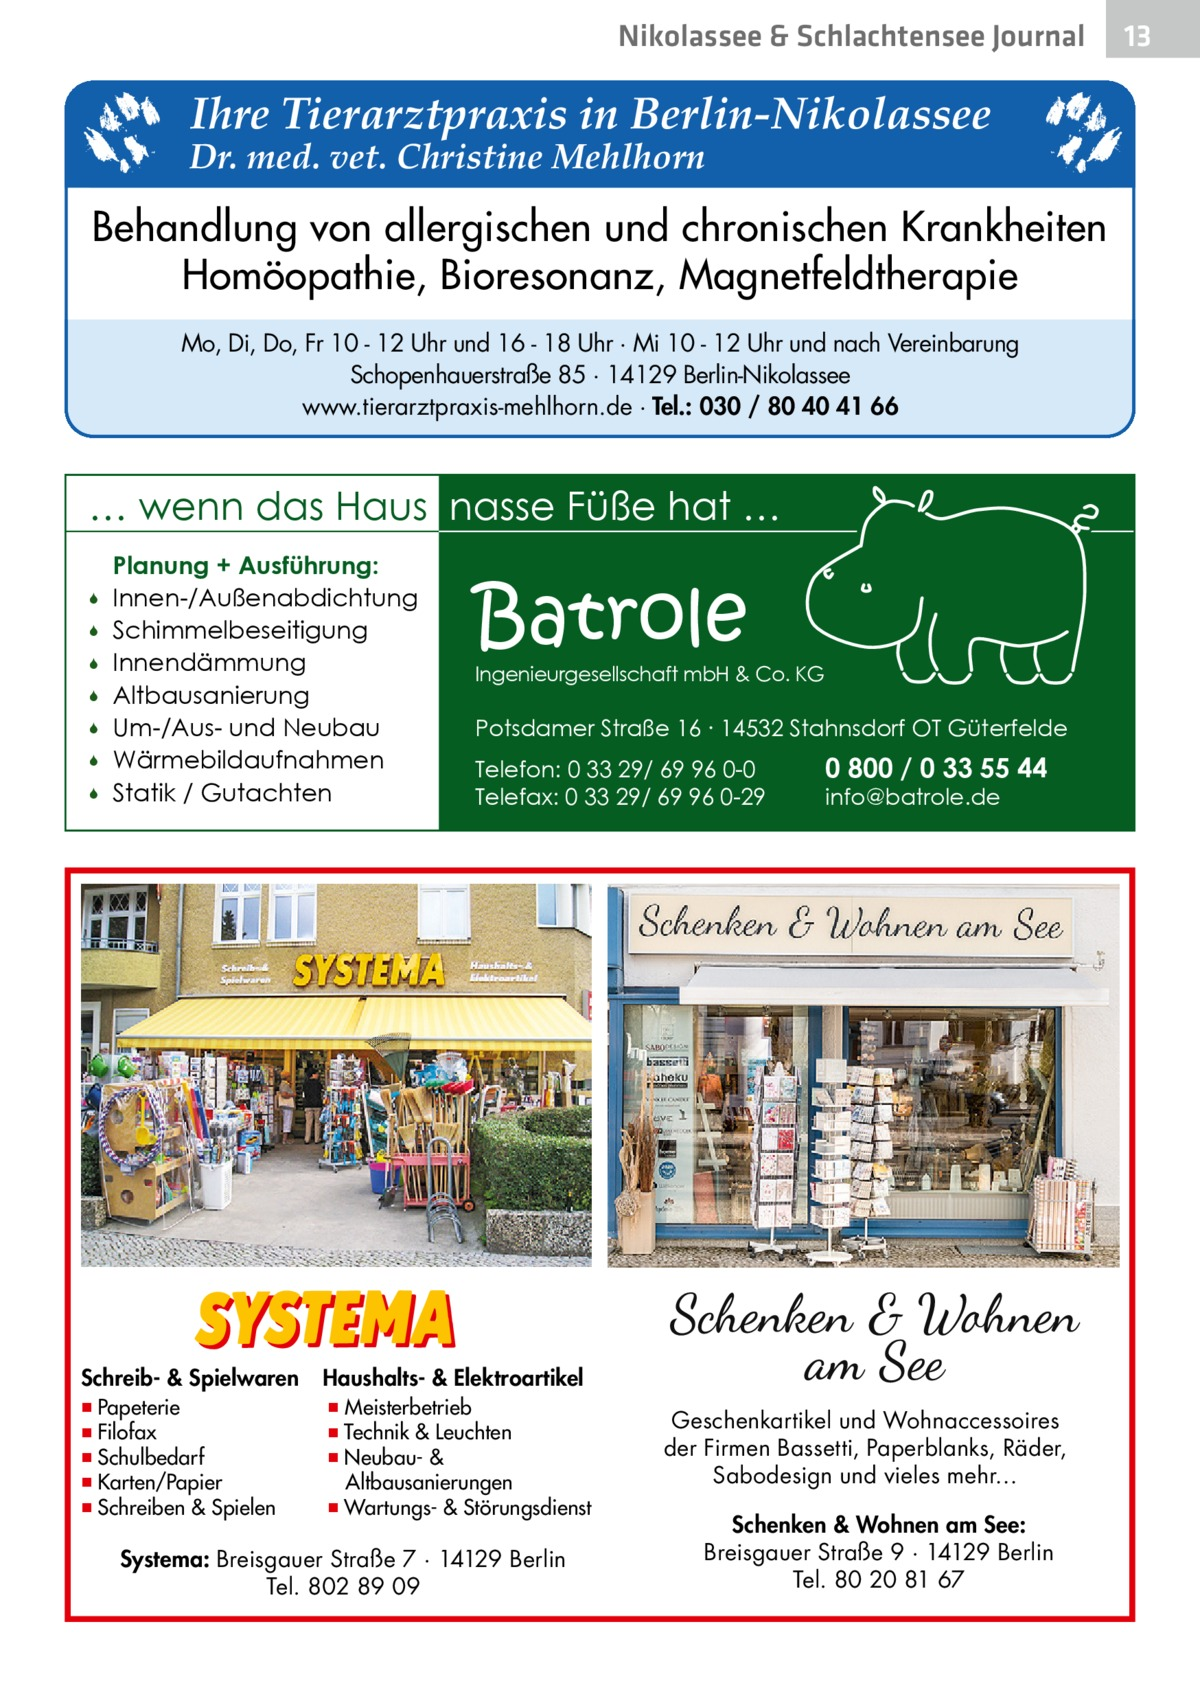 Nikolassee & Schlachtensee Journal  Ihre Tierarztpraxis in Berlin-Nikolassee  Dr. med. vet. Christine Mehlhorn  Behandlung von allergischen und chronischen Krankheiten Homöopathie, Bioresonanz, Magnetfeldtherapie Mo, Di, Do, Fr 10 - 12 Uhr und 16 - 18 Uhr · Mi 10 - 12 Uhr und nach Vereinbarung Schopenhauerstraße 85 · 14129 Berlin-Nikolassee www.tierarztpraxis-mehlhorn.de · Tel.: 030 / 80 40 41 66  … wenn das Haus nasse Füße hat …         Planung + Ausführung: Innen-/Außenabdichtung Schimmelbeseitigung Innendämmung Altbausanierung Um-/Aus- und Neubau Wärmebildaufnahmen Statik / Gutachten  Schreib- & Spielwaren  ▪ Papeterie ▪ Filofax ▪ Schulbedarf ▪ Karten/Papier ▪ Schreiben & Spielen  Batrole  Ingenieurgesellschaft mbH & Co. KG  Potsdamer Straße 16 ∙ 14532 Stahnsdorf OT Güterfelde Telefon: 0 33 29/ 69 96 0-0 Telefax: 0 33 29/ 69 96 0-29  0 800 / 0 33 55 44 info@batrole.de  Haushalts- & Elektroartikel  ▪ Meisterbetrieb ▪ Technik & Leuchten ▪ Neubau- & Altbausanierungen ▪ Wartungs- & Störungsdienst  Systema: Breisgauer Straße 7 · 14129 Berlin Tel. 802 89 09  Geschenkartikel und Wohnaccessoires der Firmen Bassetti, Paperblanks, Räder, Sabodesign und vieles mehr… Schenken & Wohnen am See: Breisgauer Straße 9 · 14129 Berlin Tel. 80 20 81 67  13